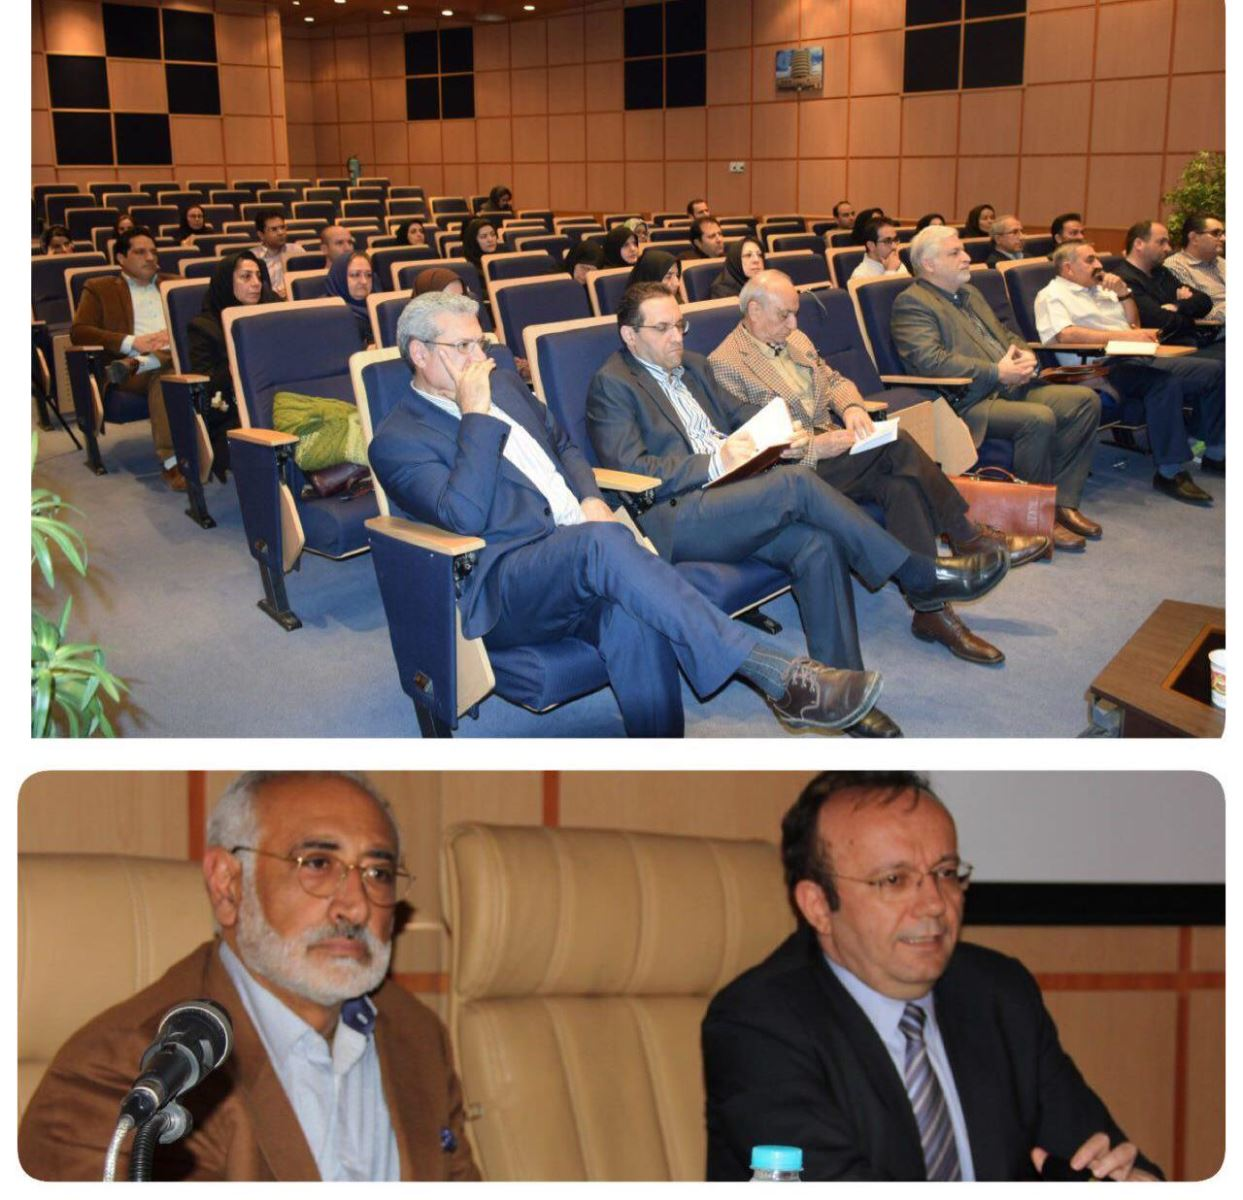 """برگزاری کارگاه """"مراحل و نحوه چگونگی ارائه ایده به سرمایهگذاران"""" برای اساتید دانشگاه علوم پزشکی ایران"""